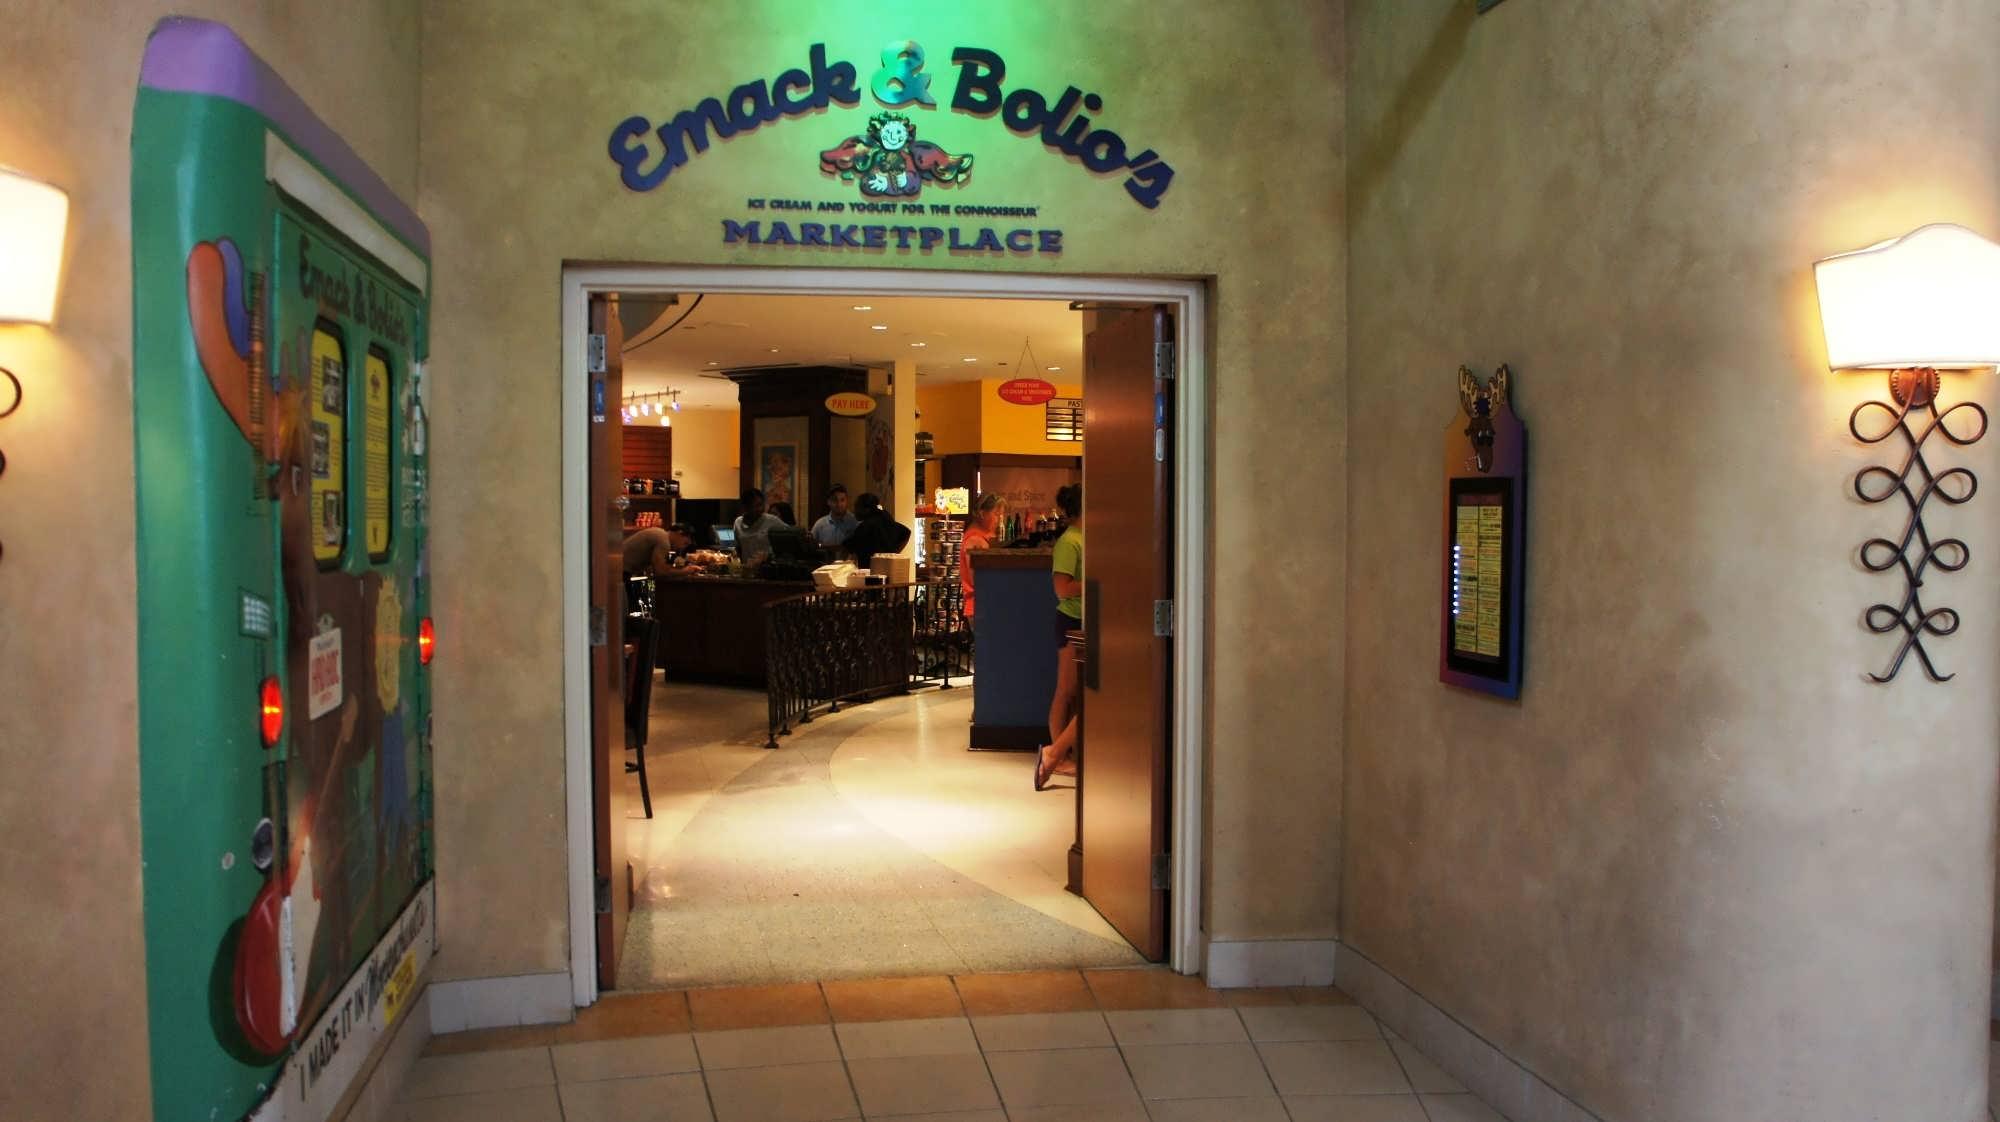 Hard Rock Hotel's Emack & Bolio's Marketplace